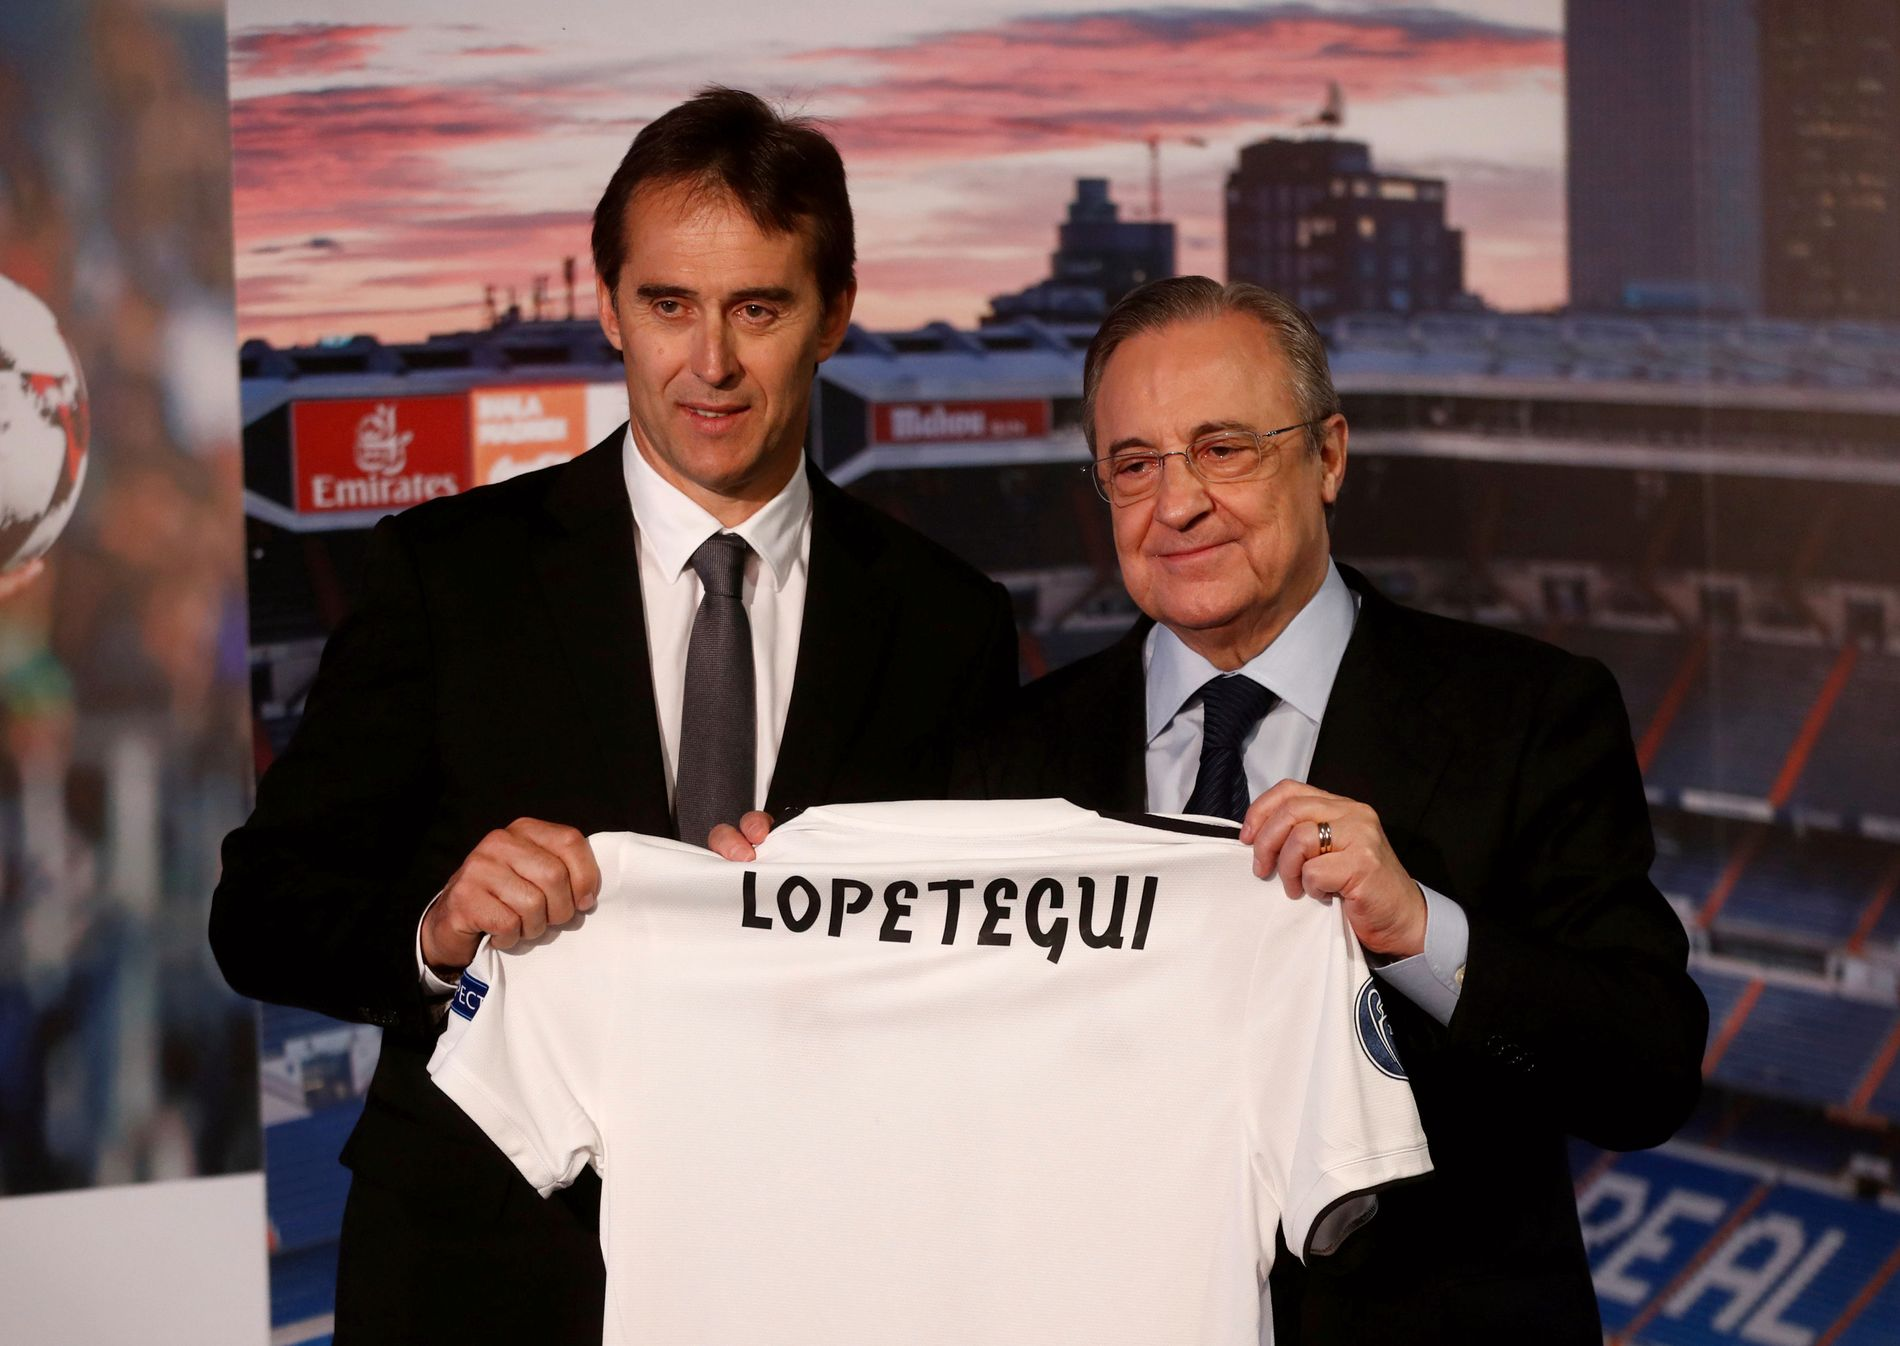 FIRE MÅNEDER: I juni ble Julen Lopetegui presentert av president Florentino Pérez som ny Real Madrid-trener. Litt over fire måneder senere fikk han sparken.